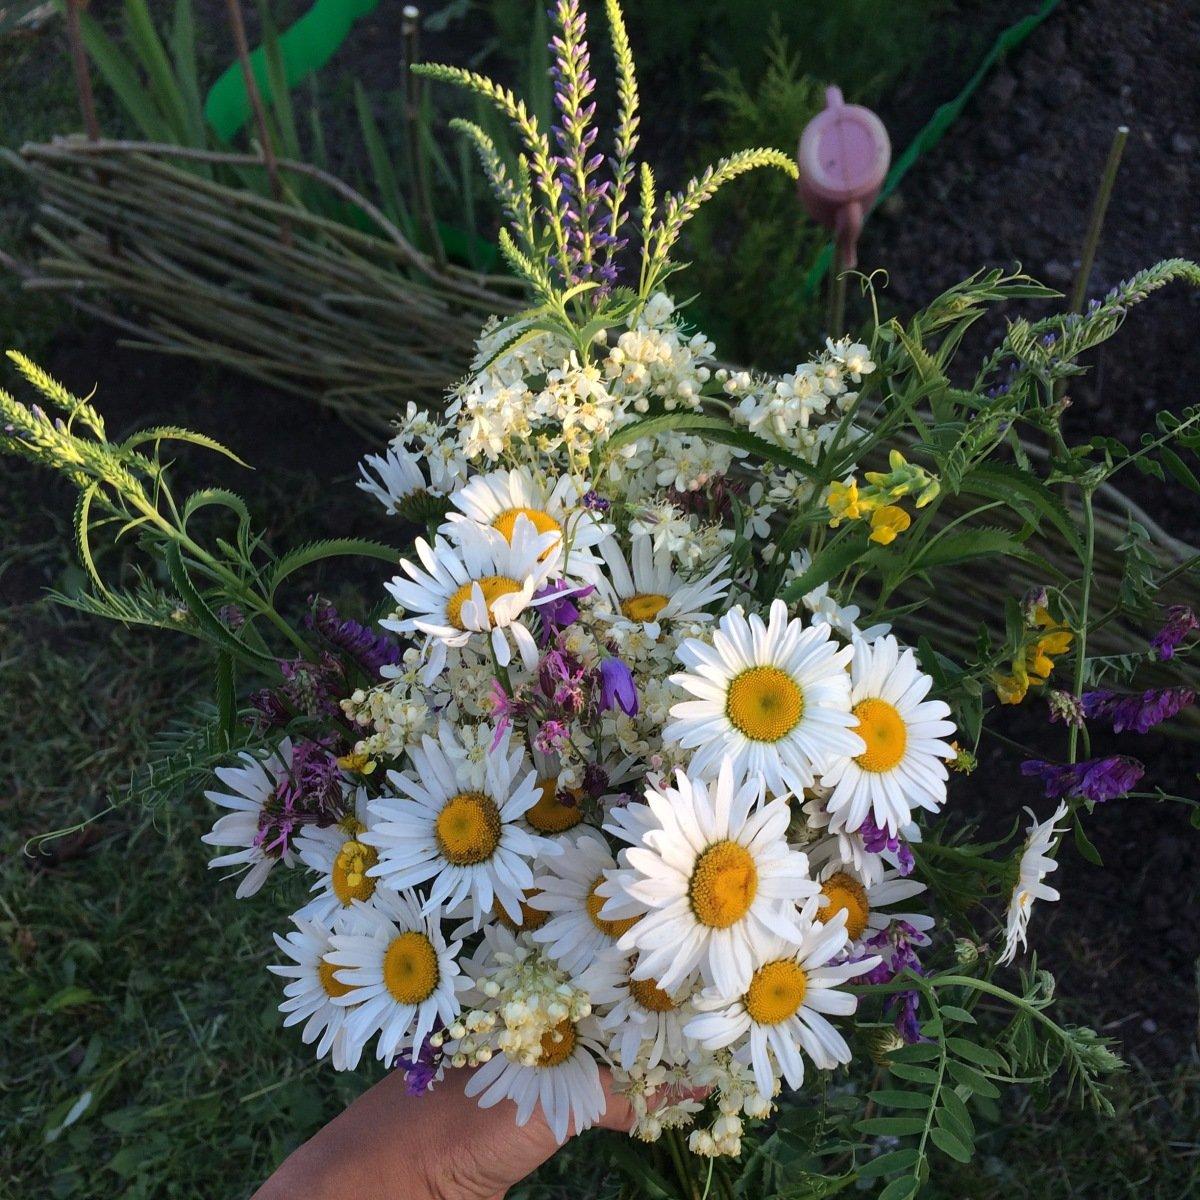 отыскать нужные шикарный букет полевых цветов фото картинки решили расписать